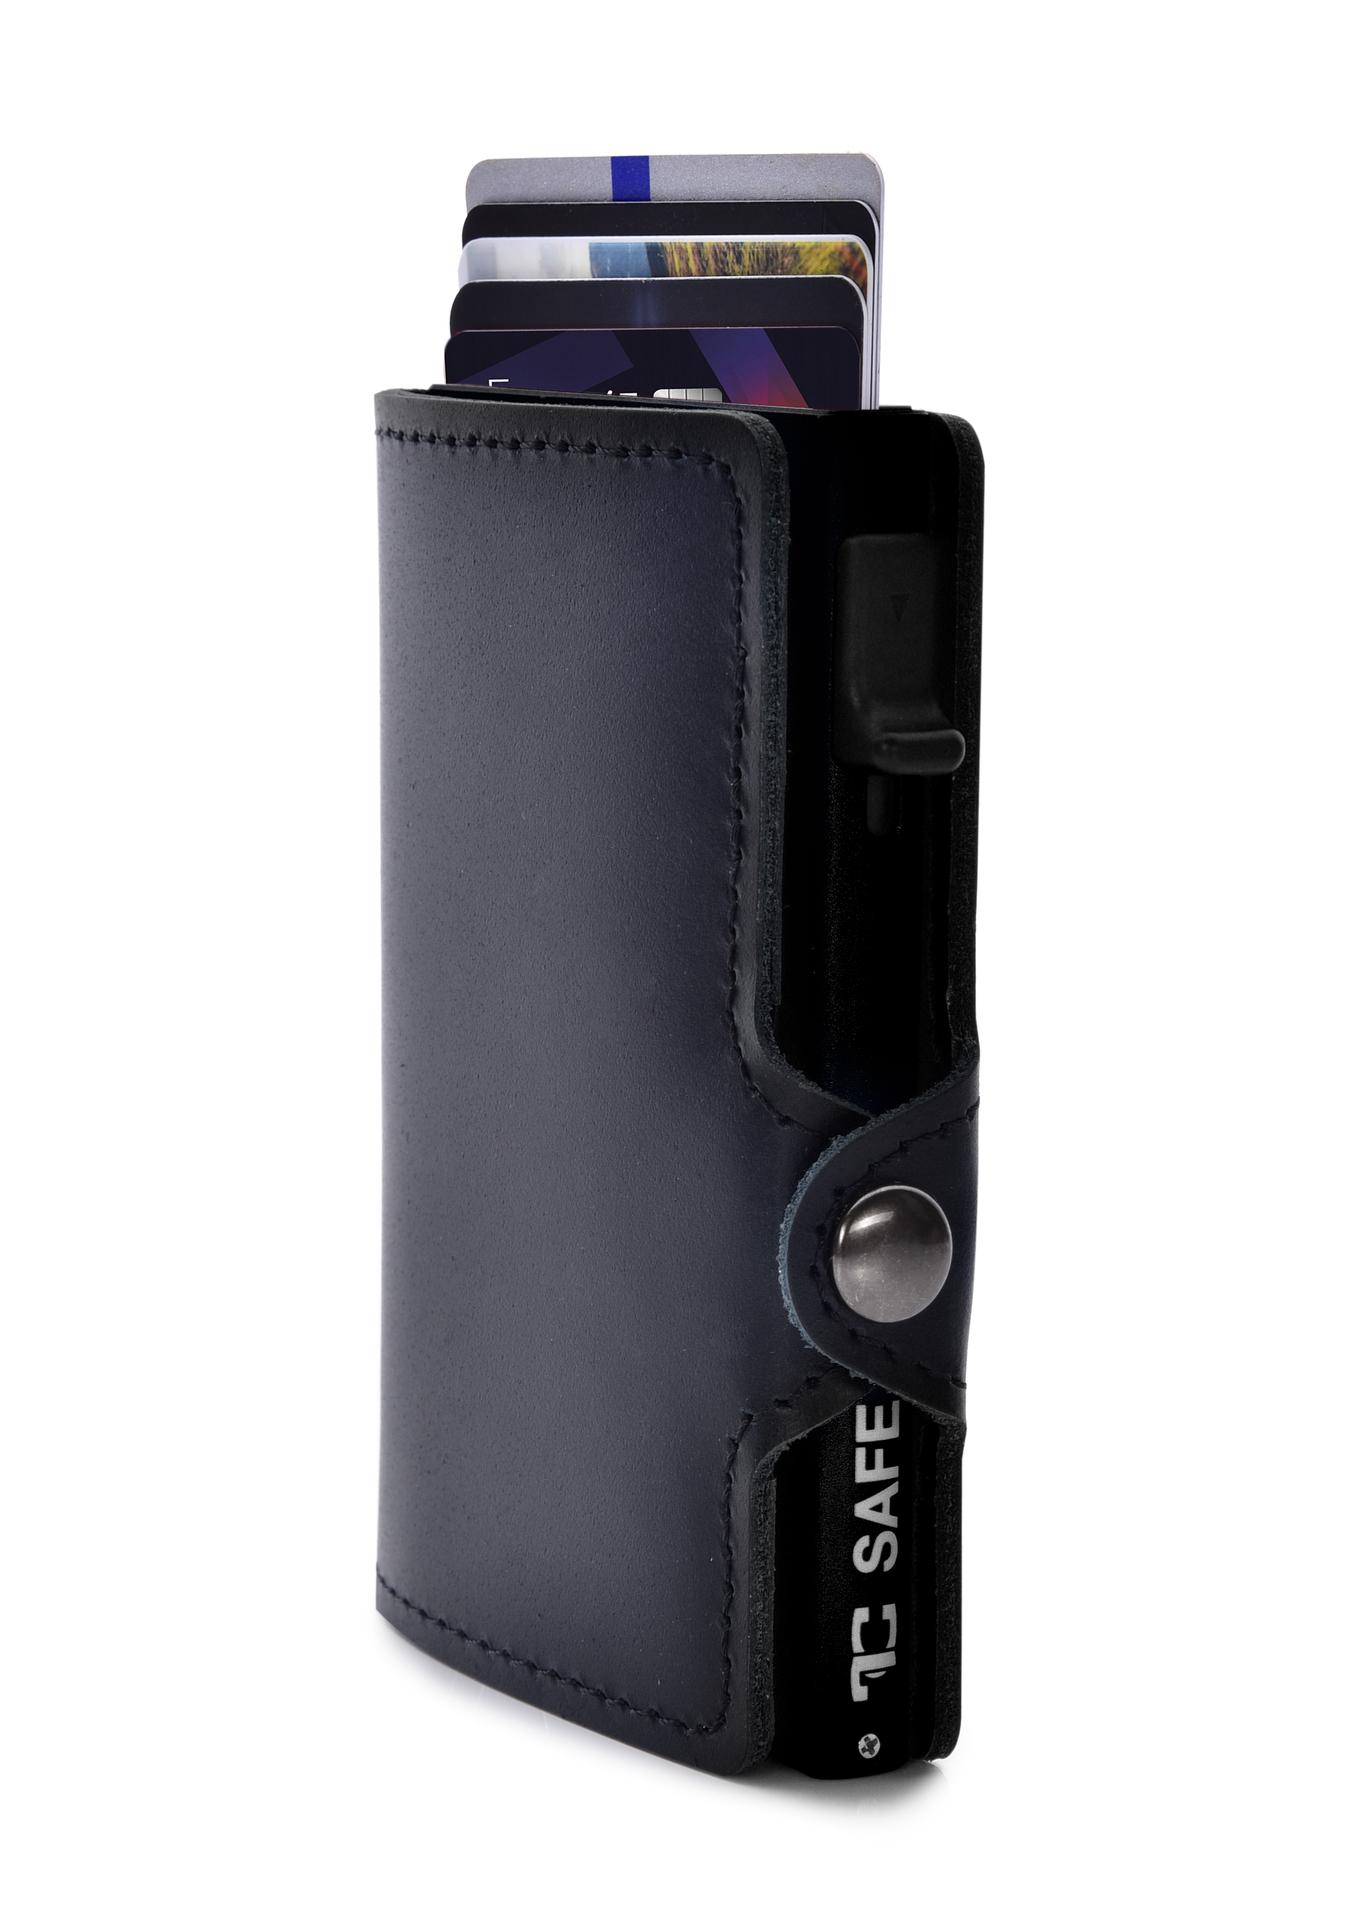 FC SAFE kožená peněženka, pro ochranu platebních karet